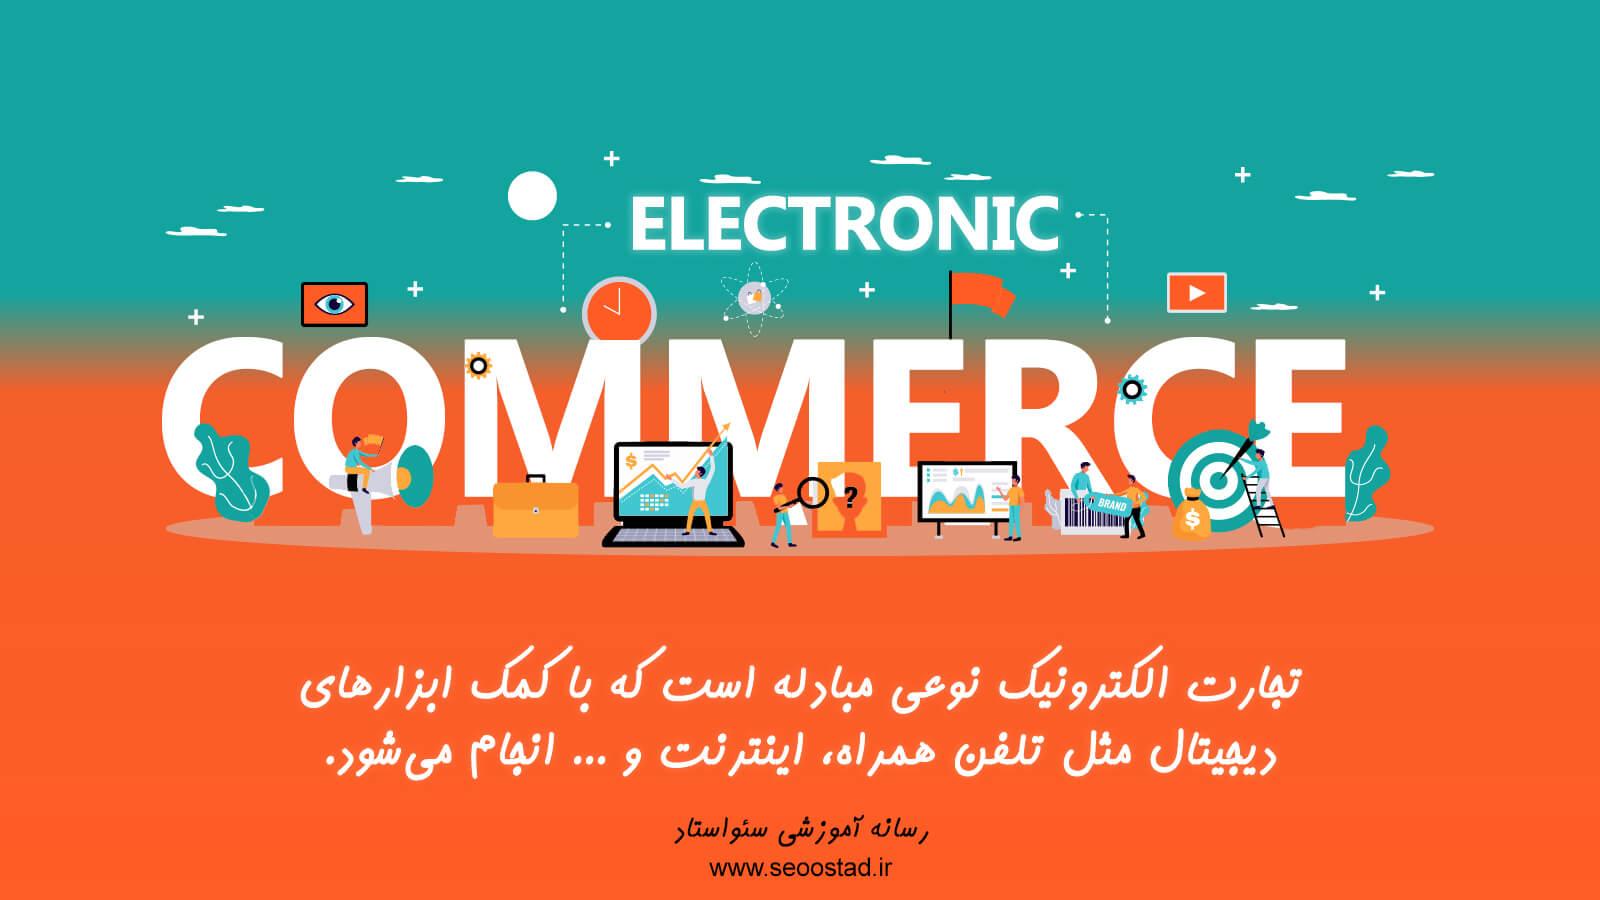 مفهوم تجارت الکترونیک